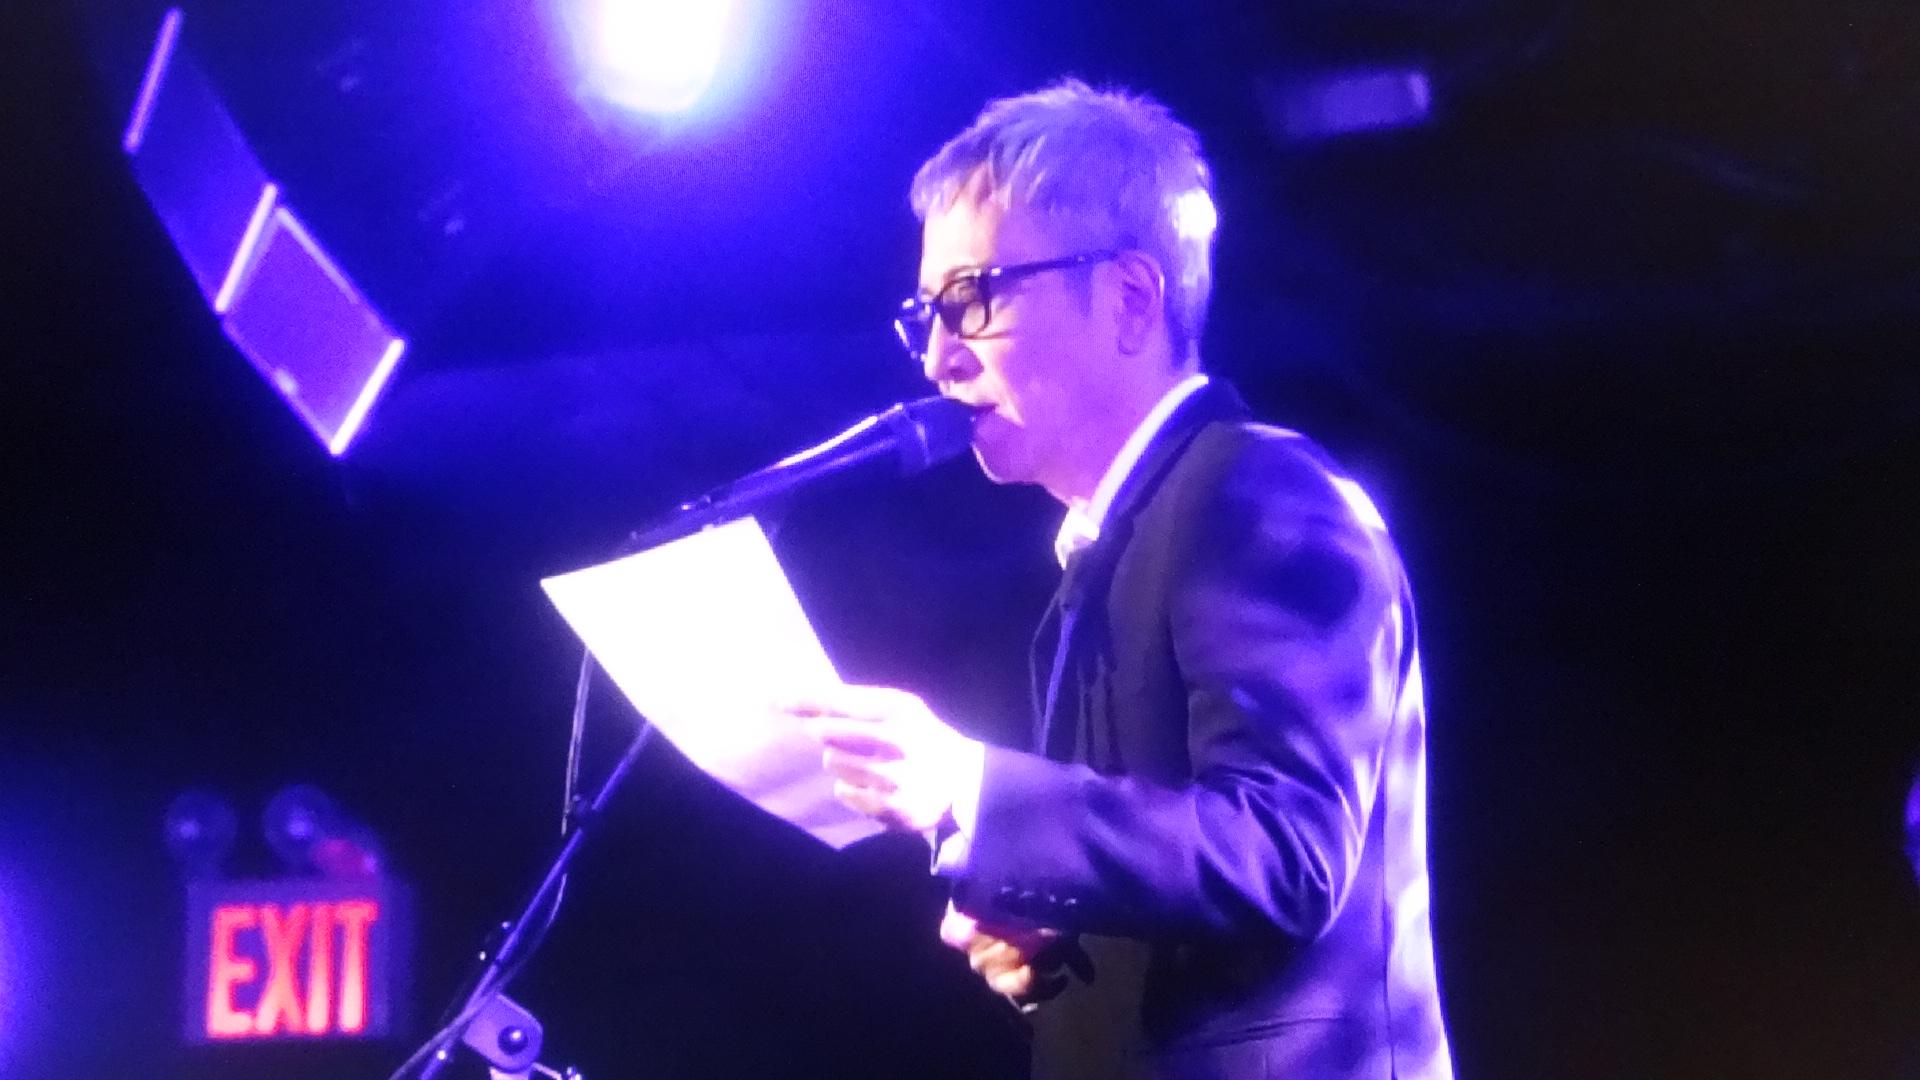 ニューヨークライブハウスのステージで詩を朗読する佐野元春